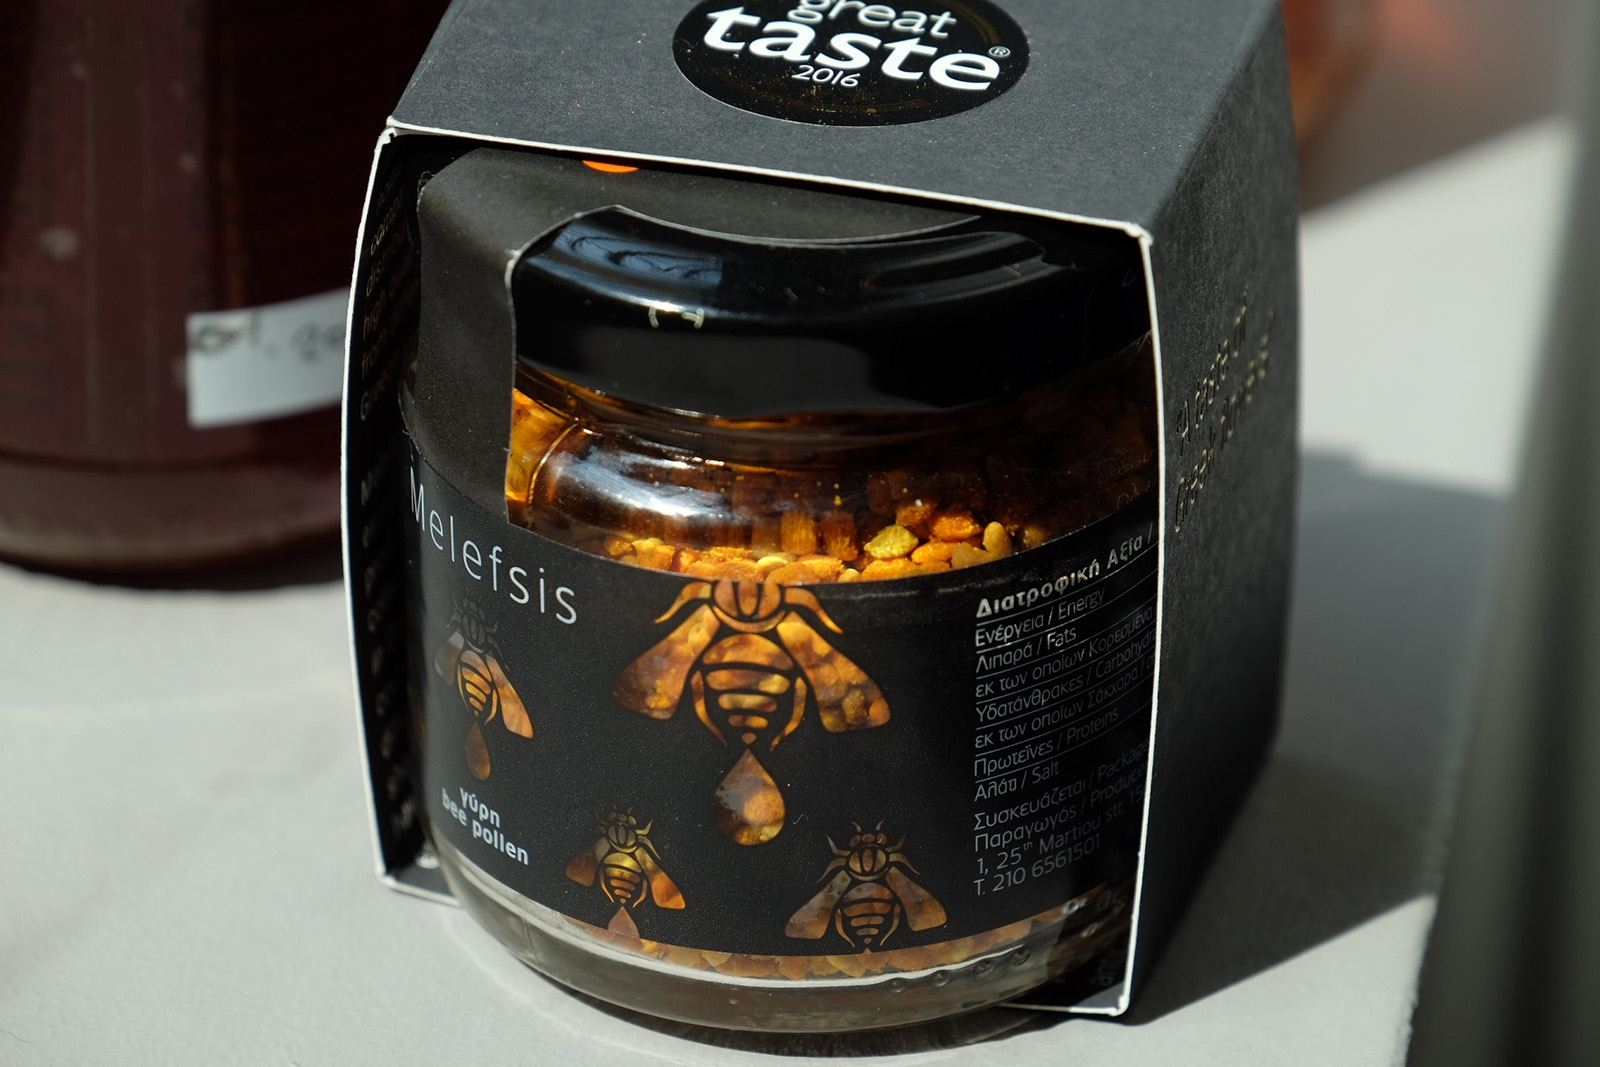 Pylová zrnka s oceněním Great Taste